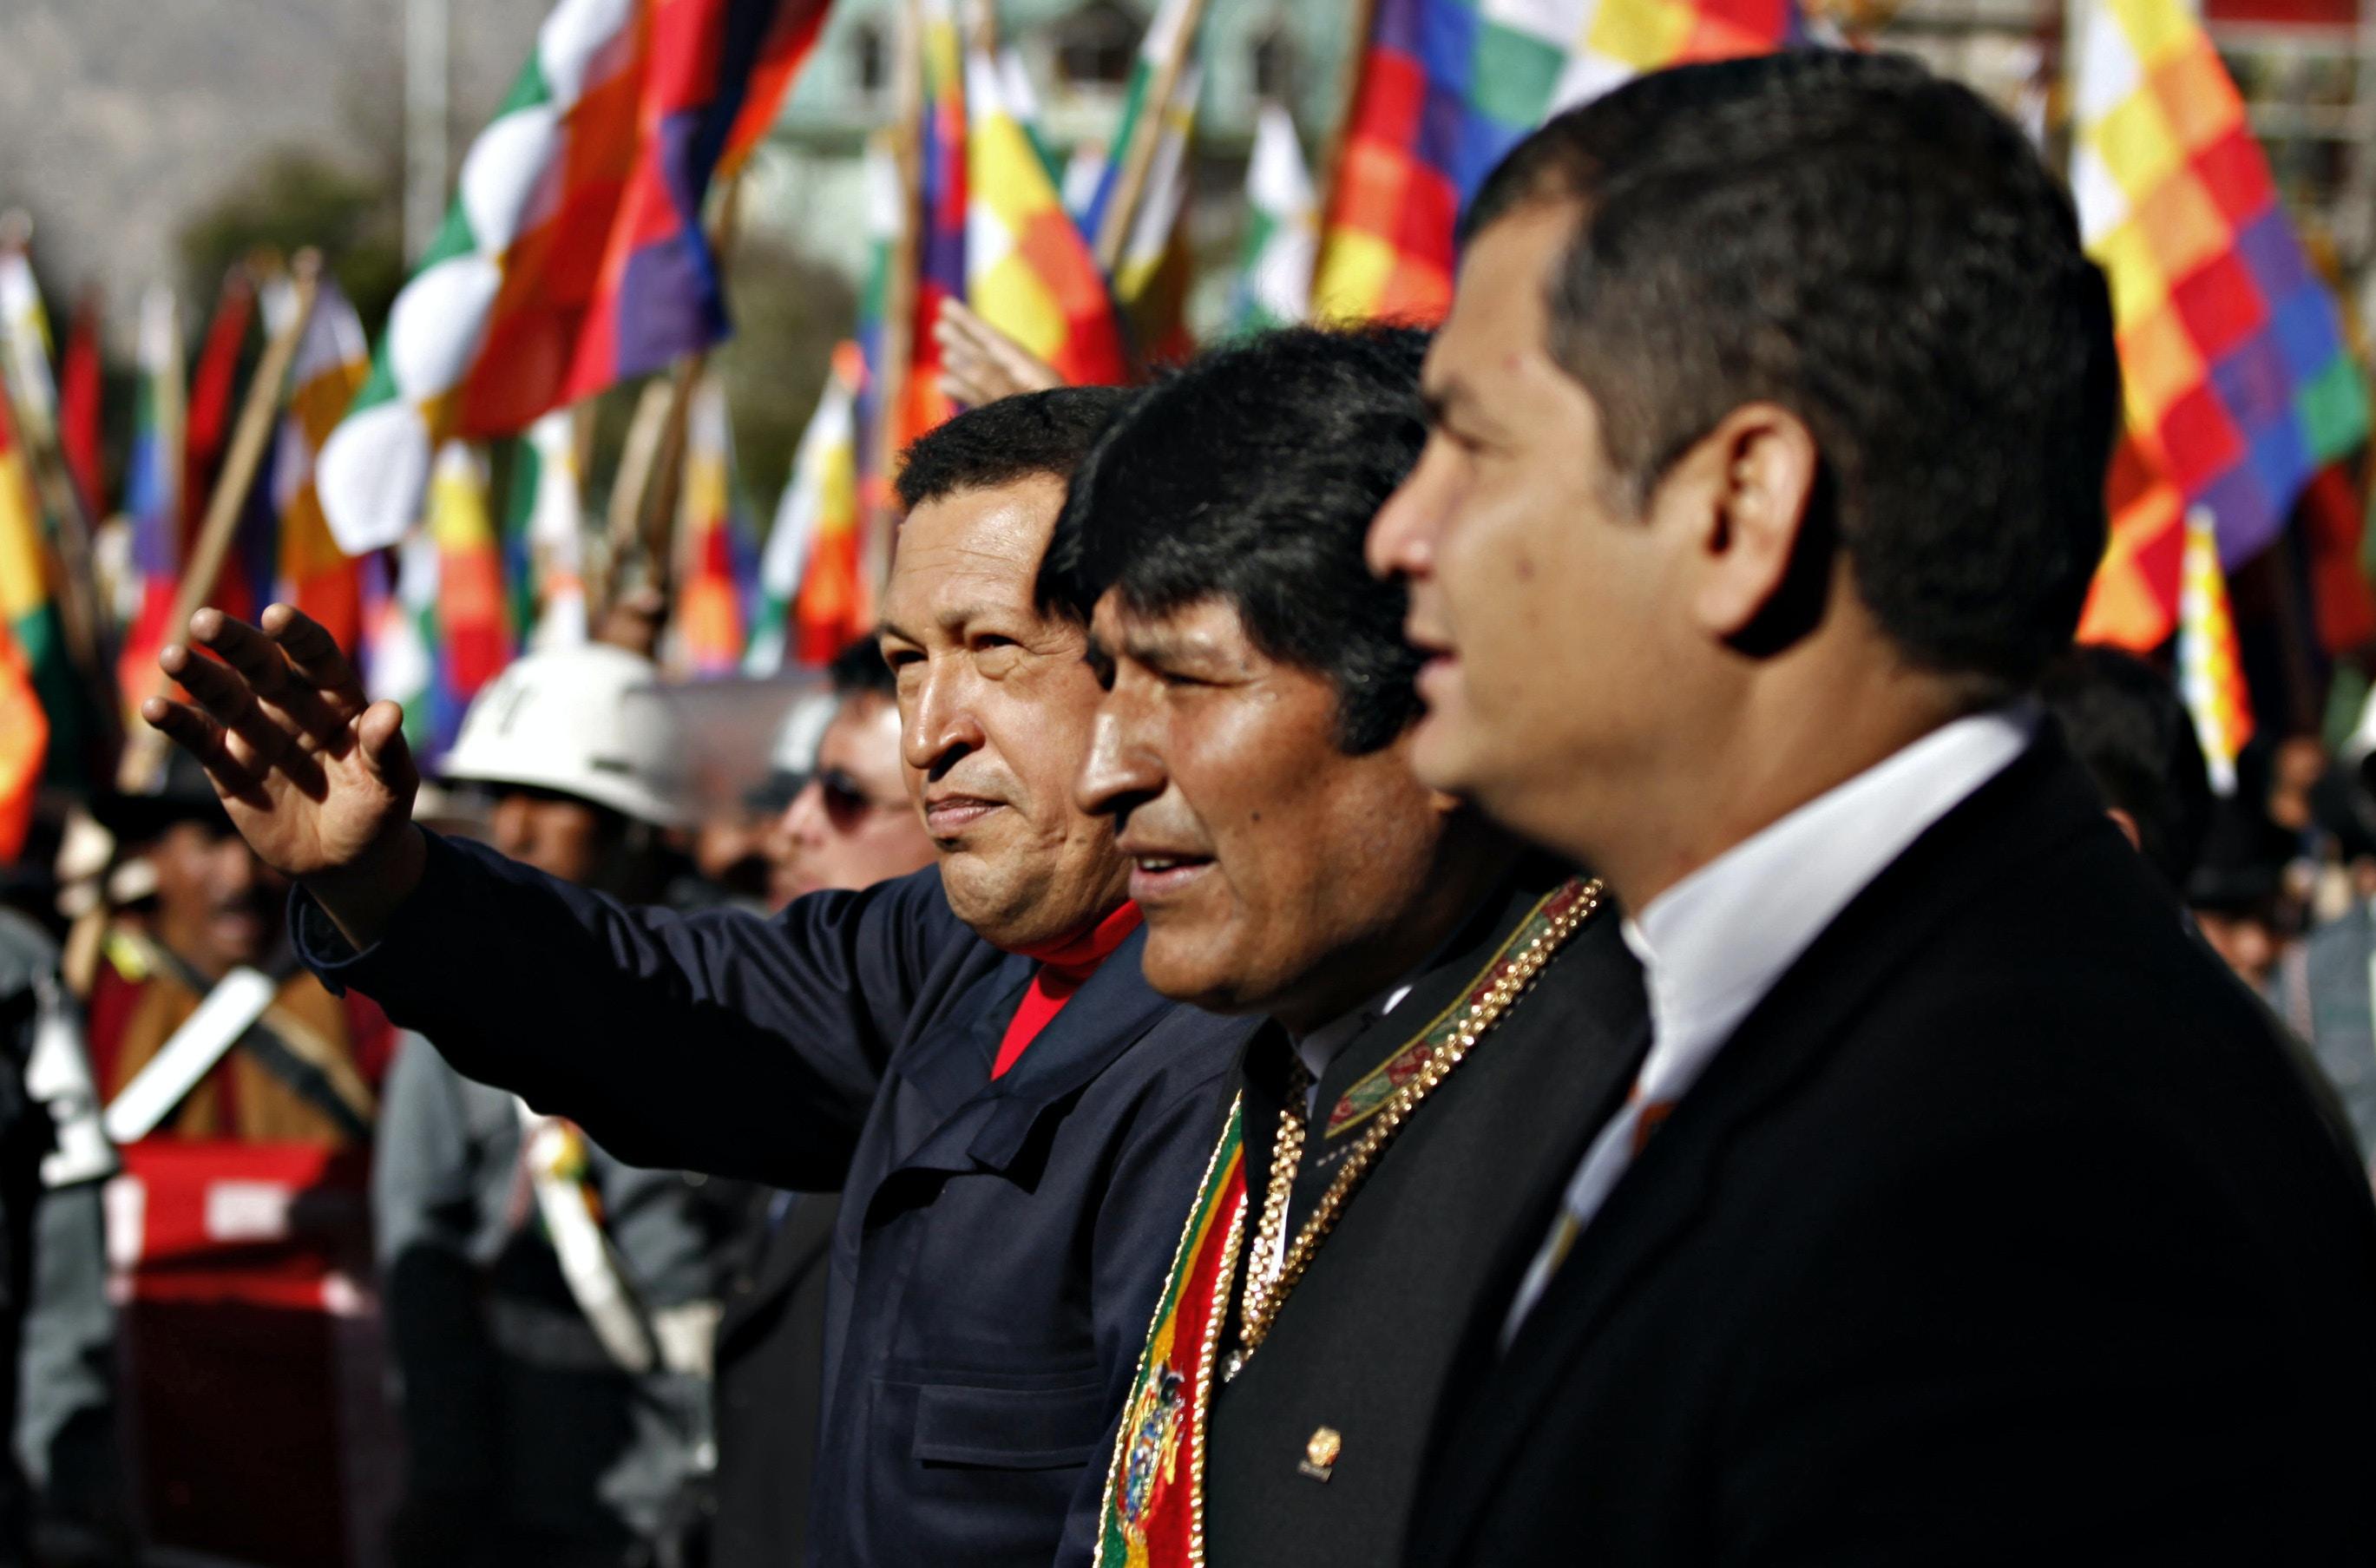 Da esquerda para a direita: o presidente da Venezuela, Hugo Chávez, o presidente da Bolívia, Evo Morales, e o presidente do Equador, Rafael Correa, chegam a um desfile militar em comemoração aos 200 anos do início do movimento de independência da Bolívia em La Paz, em 16 de julho de 2009.